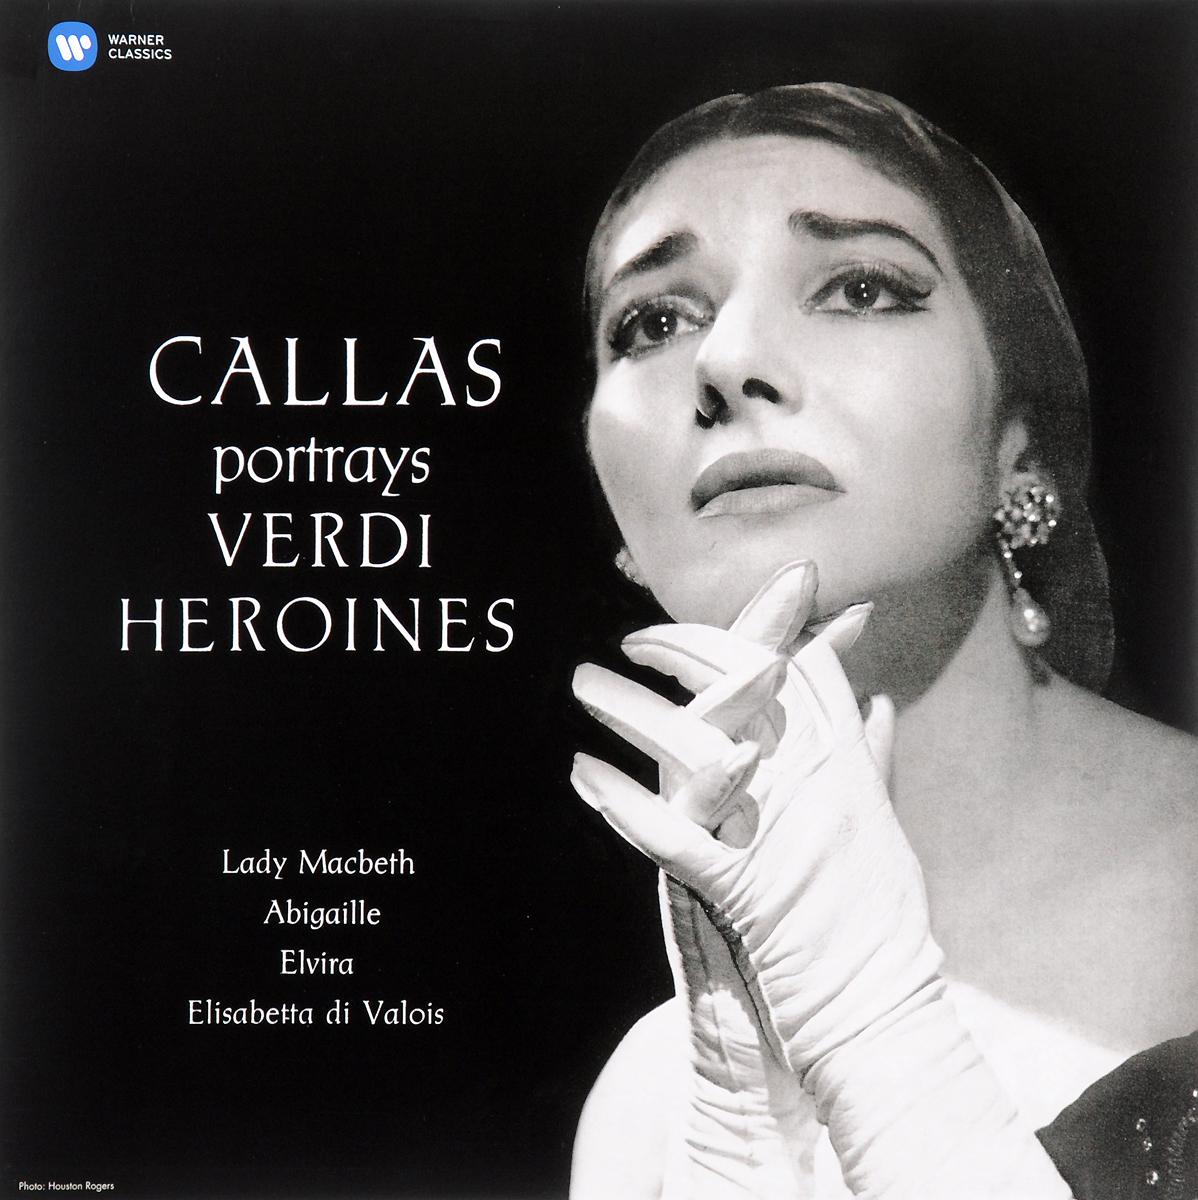 Мария Каллас,Philharmonia Orchestra,Никола Рескигно Maria Callas. Giuseppe Verdi. Callas Portrays Verdi Heroines (LP) giuseppe verdi attila